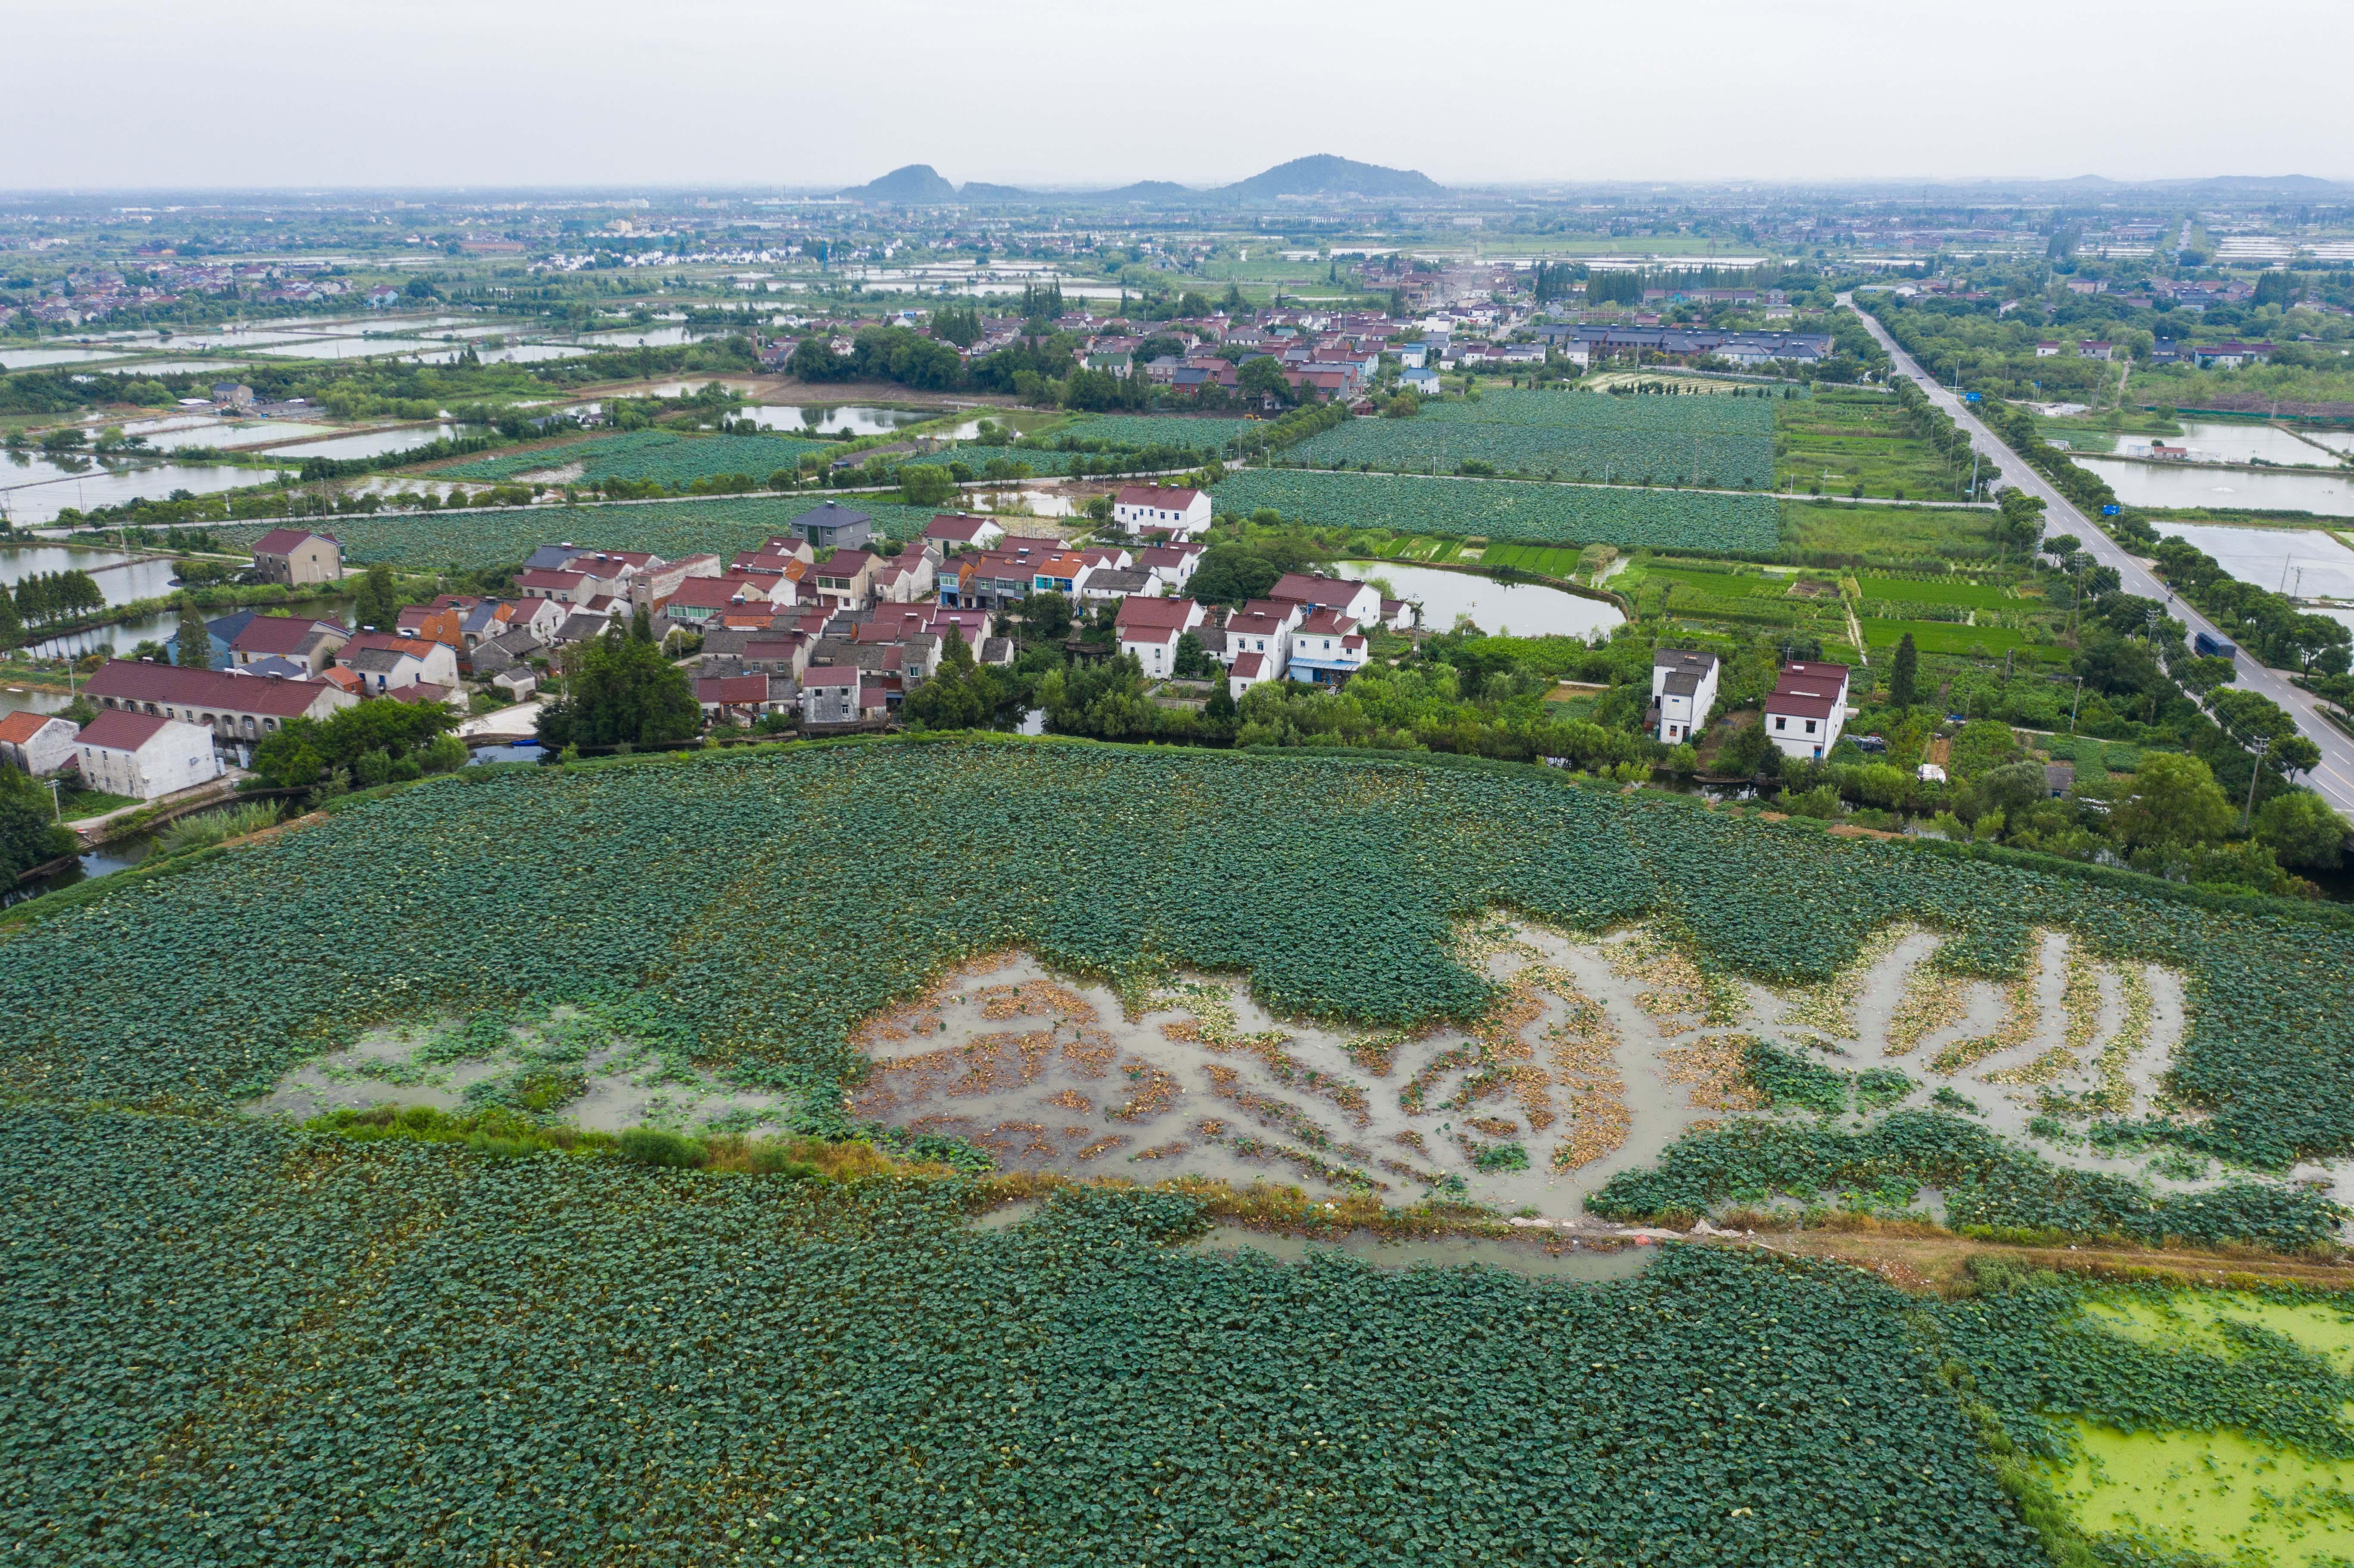 比助赢更好的计划软件_图片新闻 江南水乡收获忙